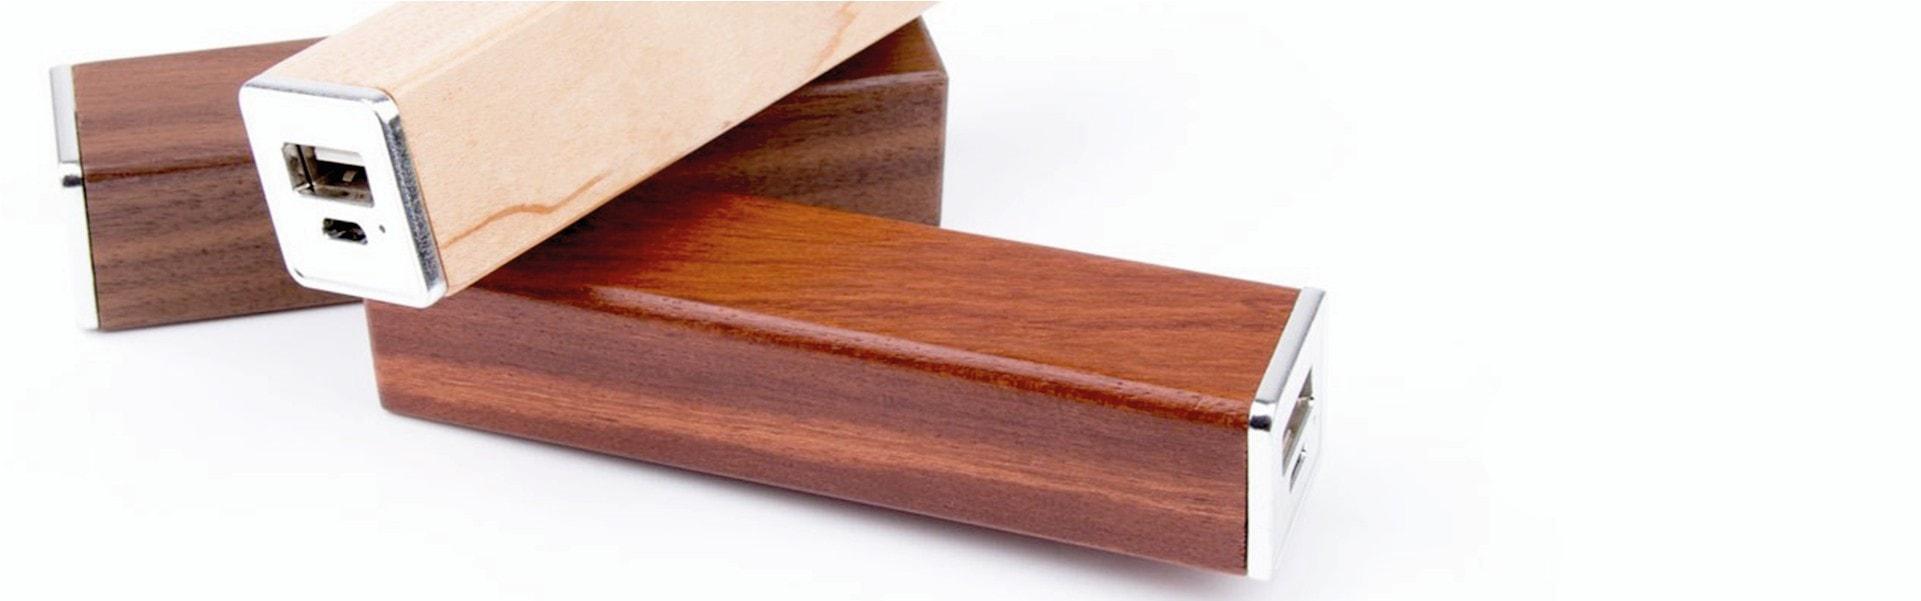 W-701 Power banks in legno di acero, noce, ciliegio e personalizzabile con logo / Vivared.it Chiavi USB - Power Banks - Lanyards - Borracce - Prodotti promozionali personalizzati